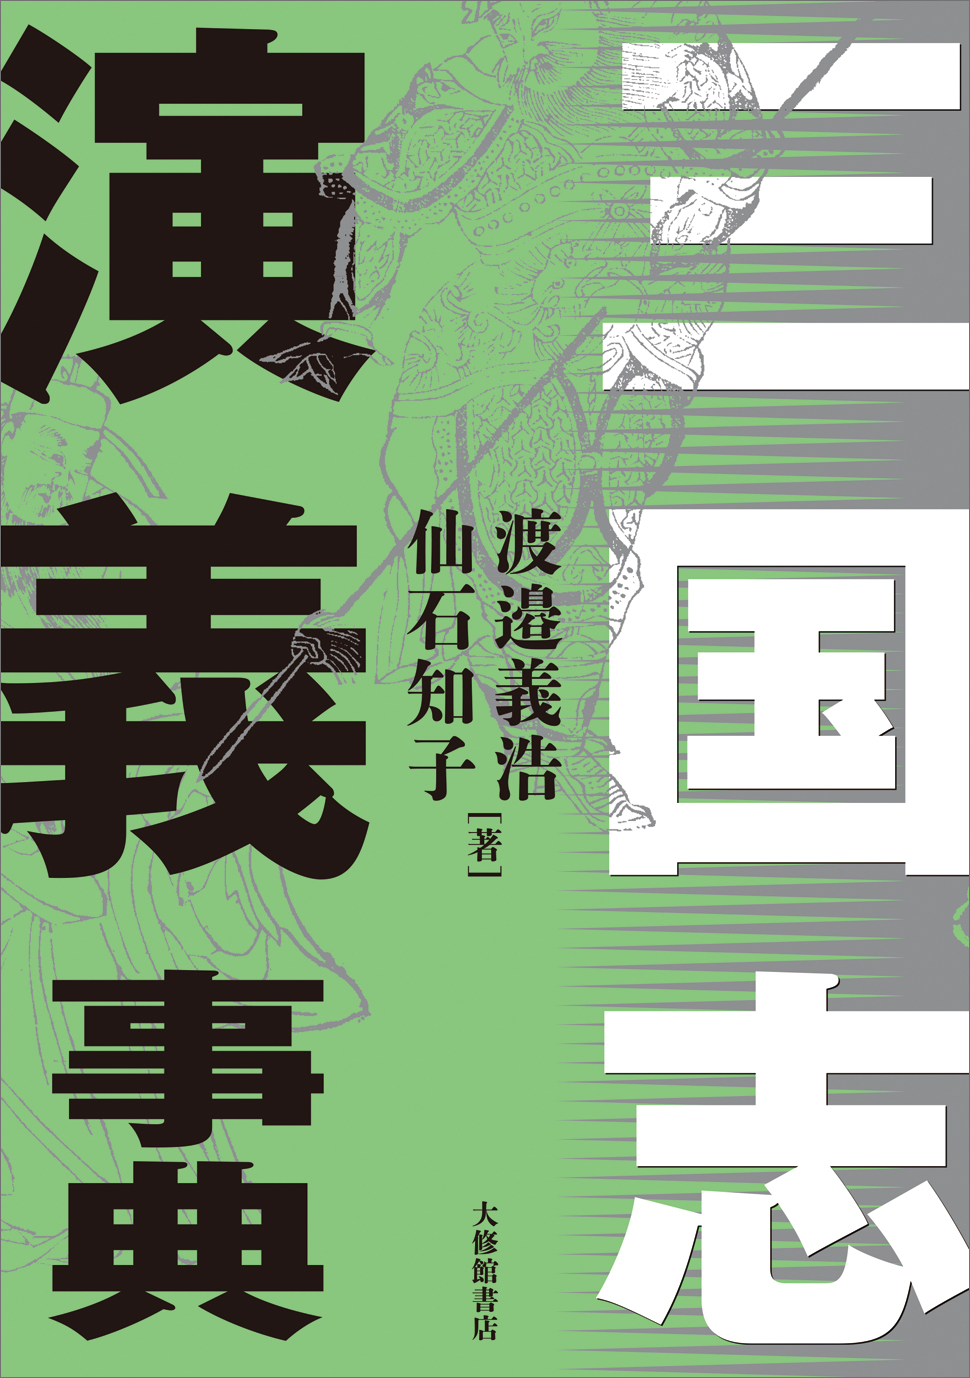 『三国志演義』から中国人を読み解く画期的な総合事典